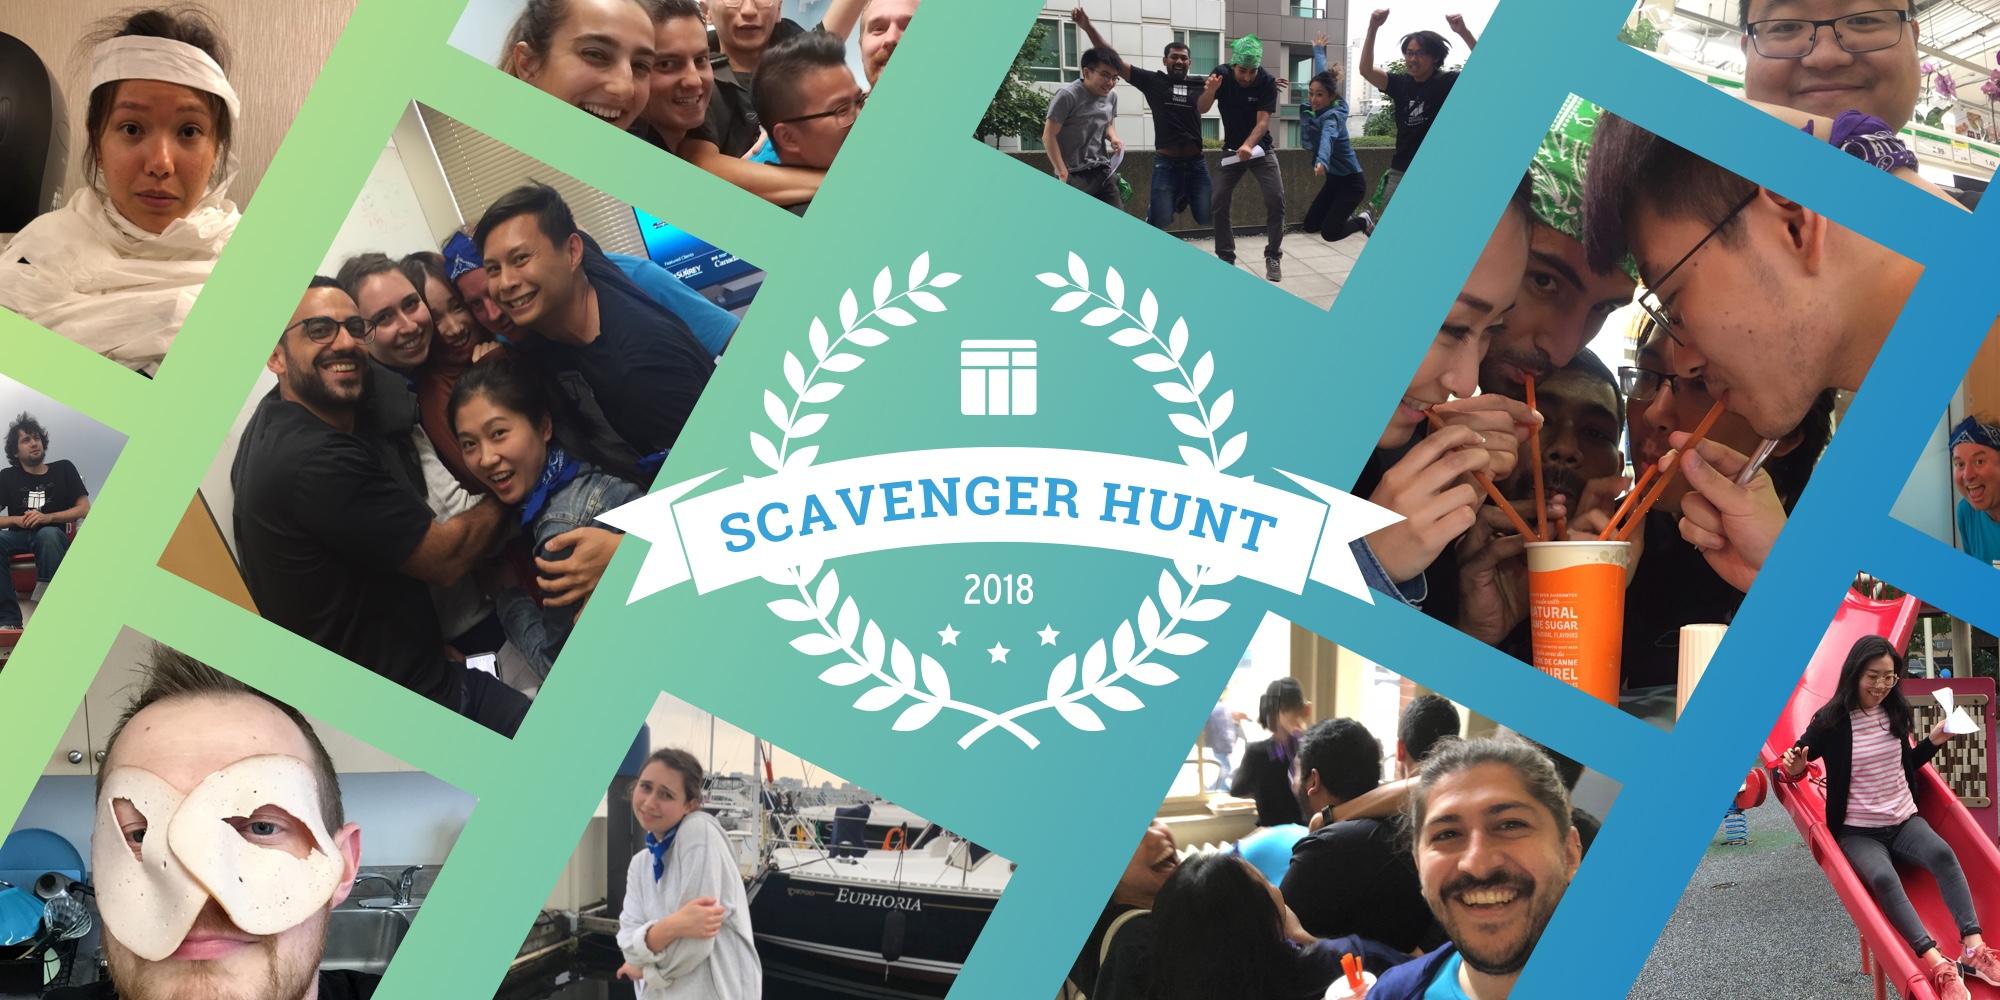 The 2018 TTT Scavenger Hunt